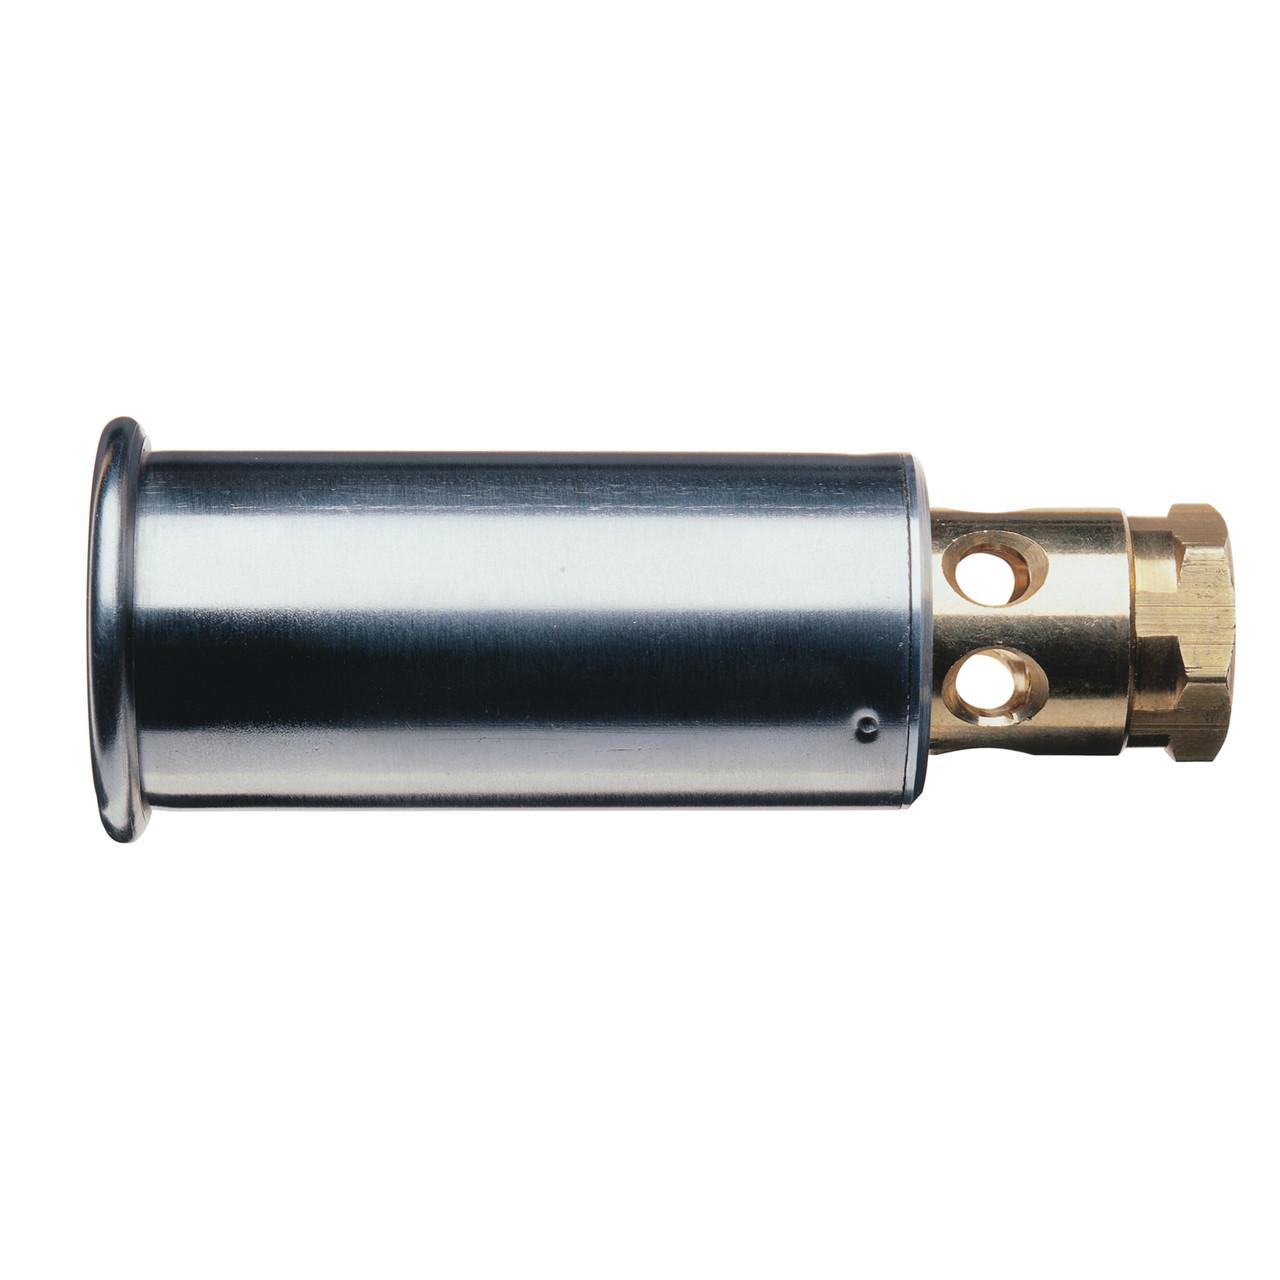 SIEVERT Brænder Ø 34 mm - Værktøj -> Håndværktøj -> Gas og loddeværktøj -> Brænderhoveder Værktøj -> Håndværktøj -> Gas og loddeværktøj Værktøj -> Håndværktøj Mærker -> Sievert